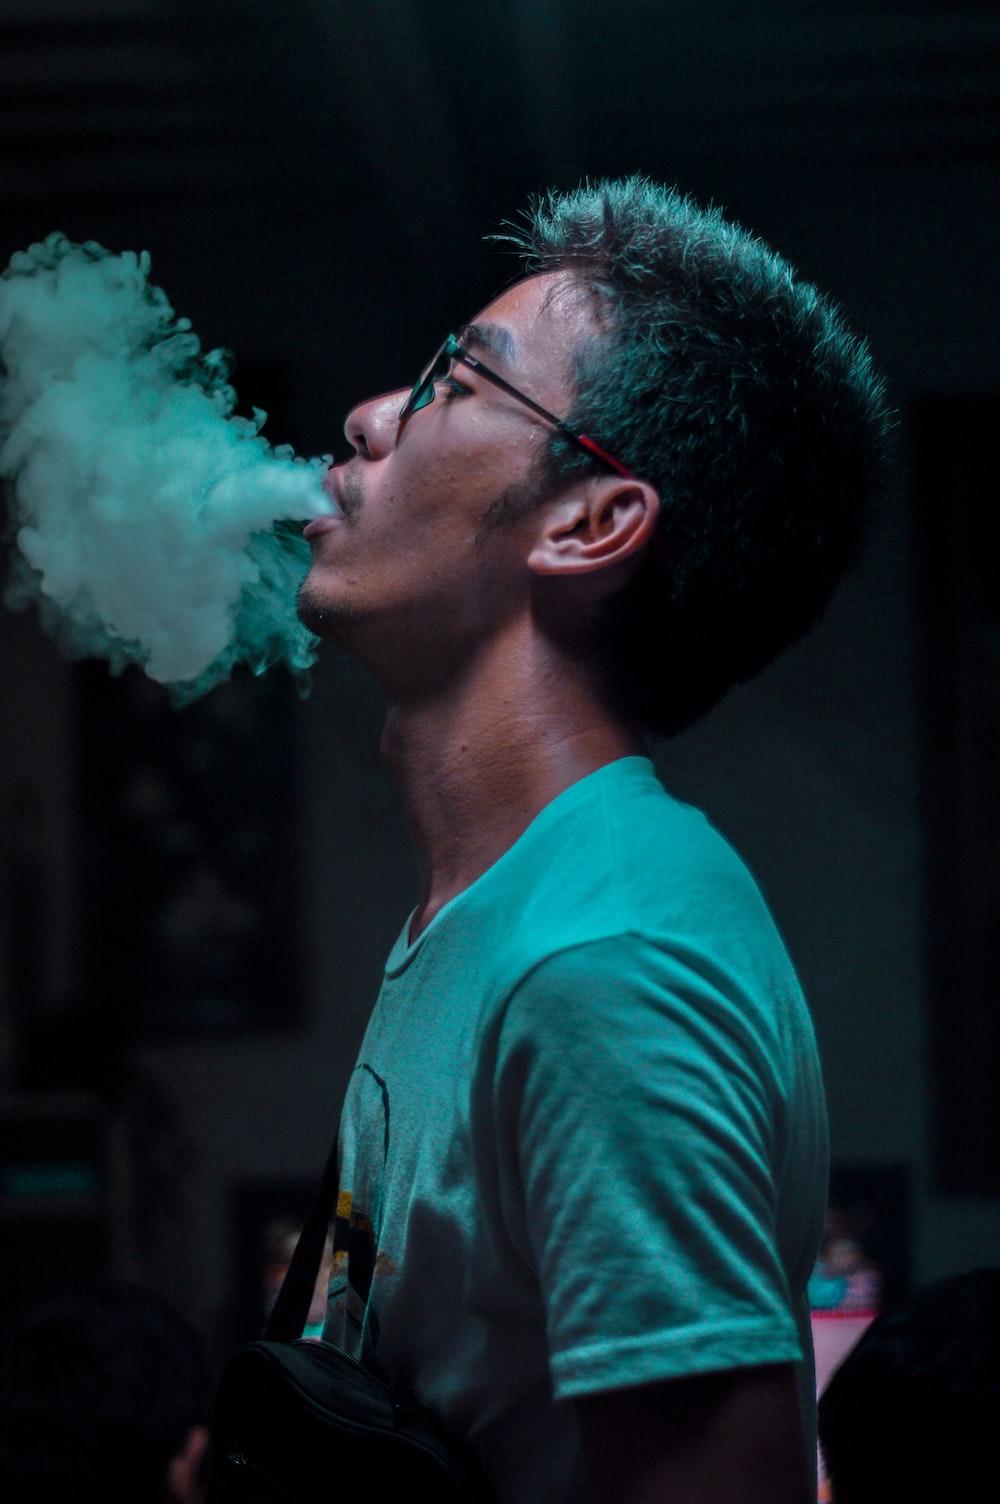 man in white shirt smoking